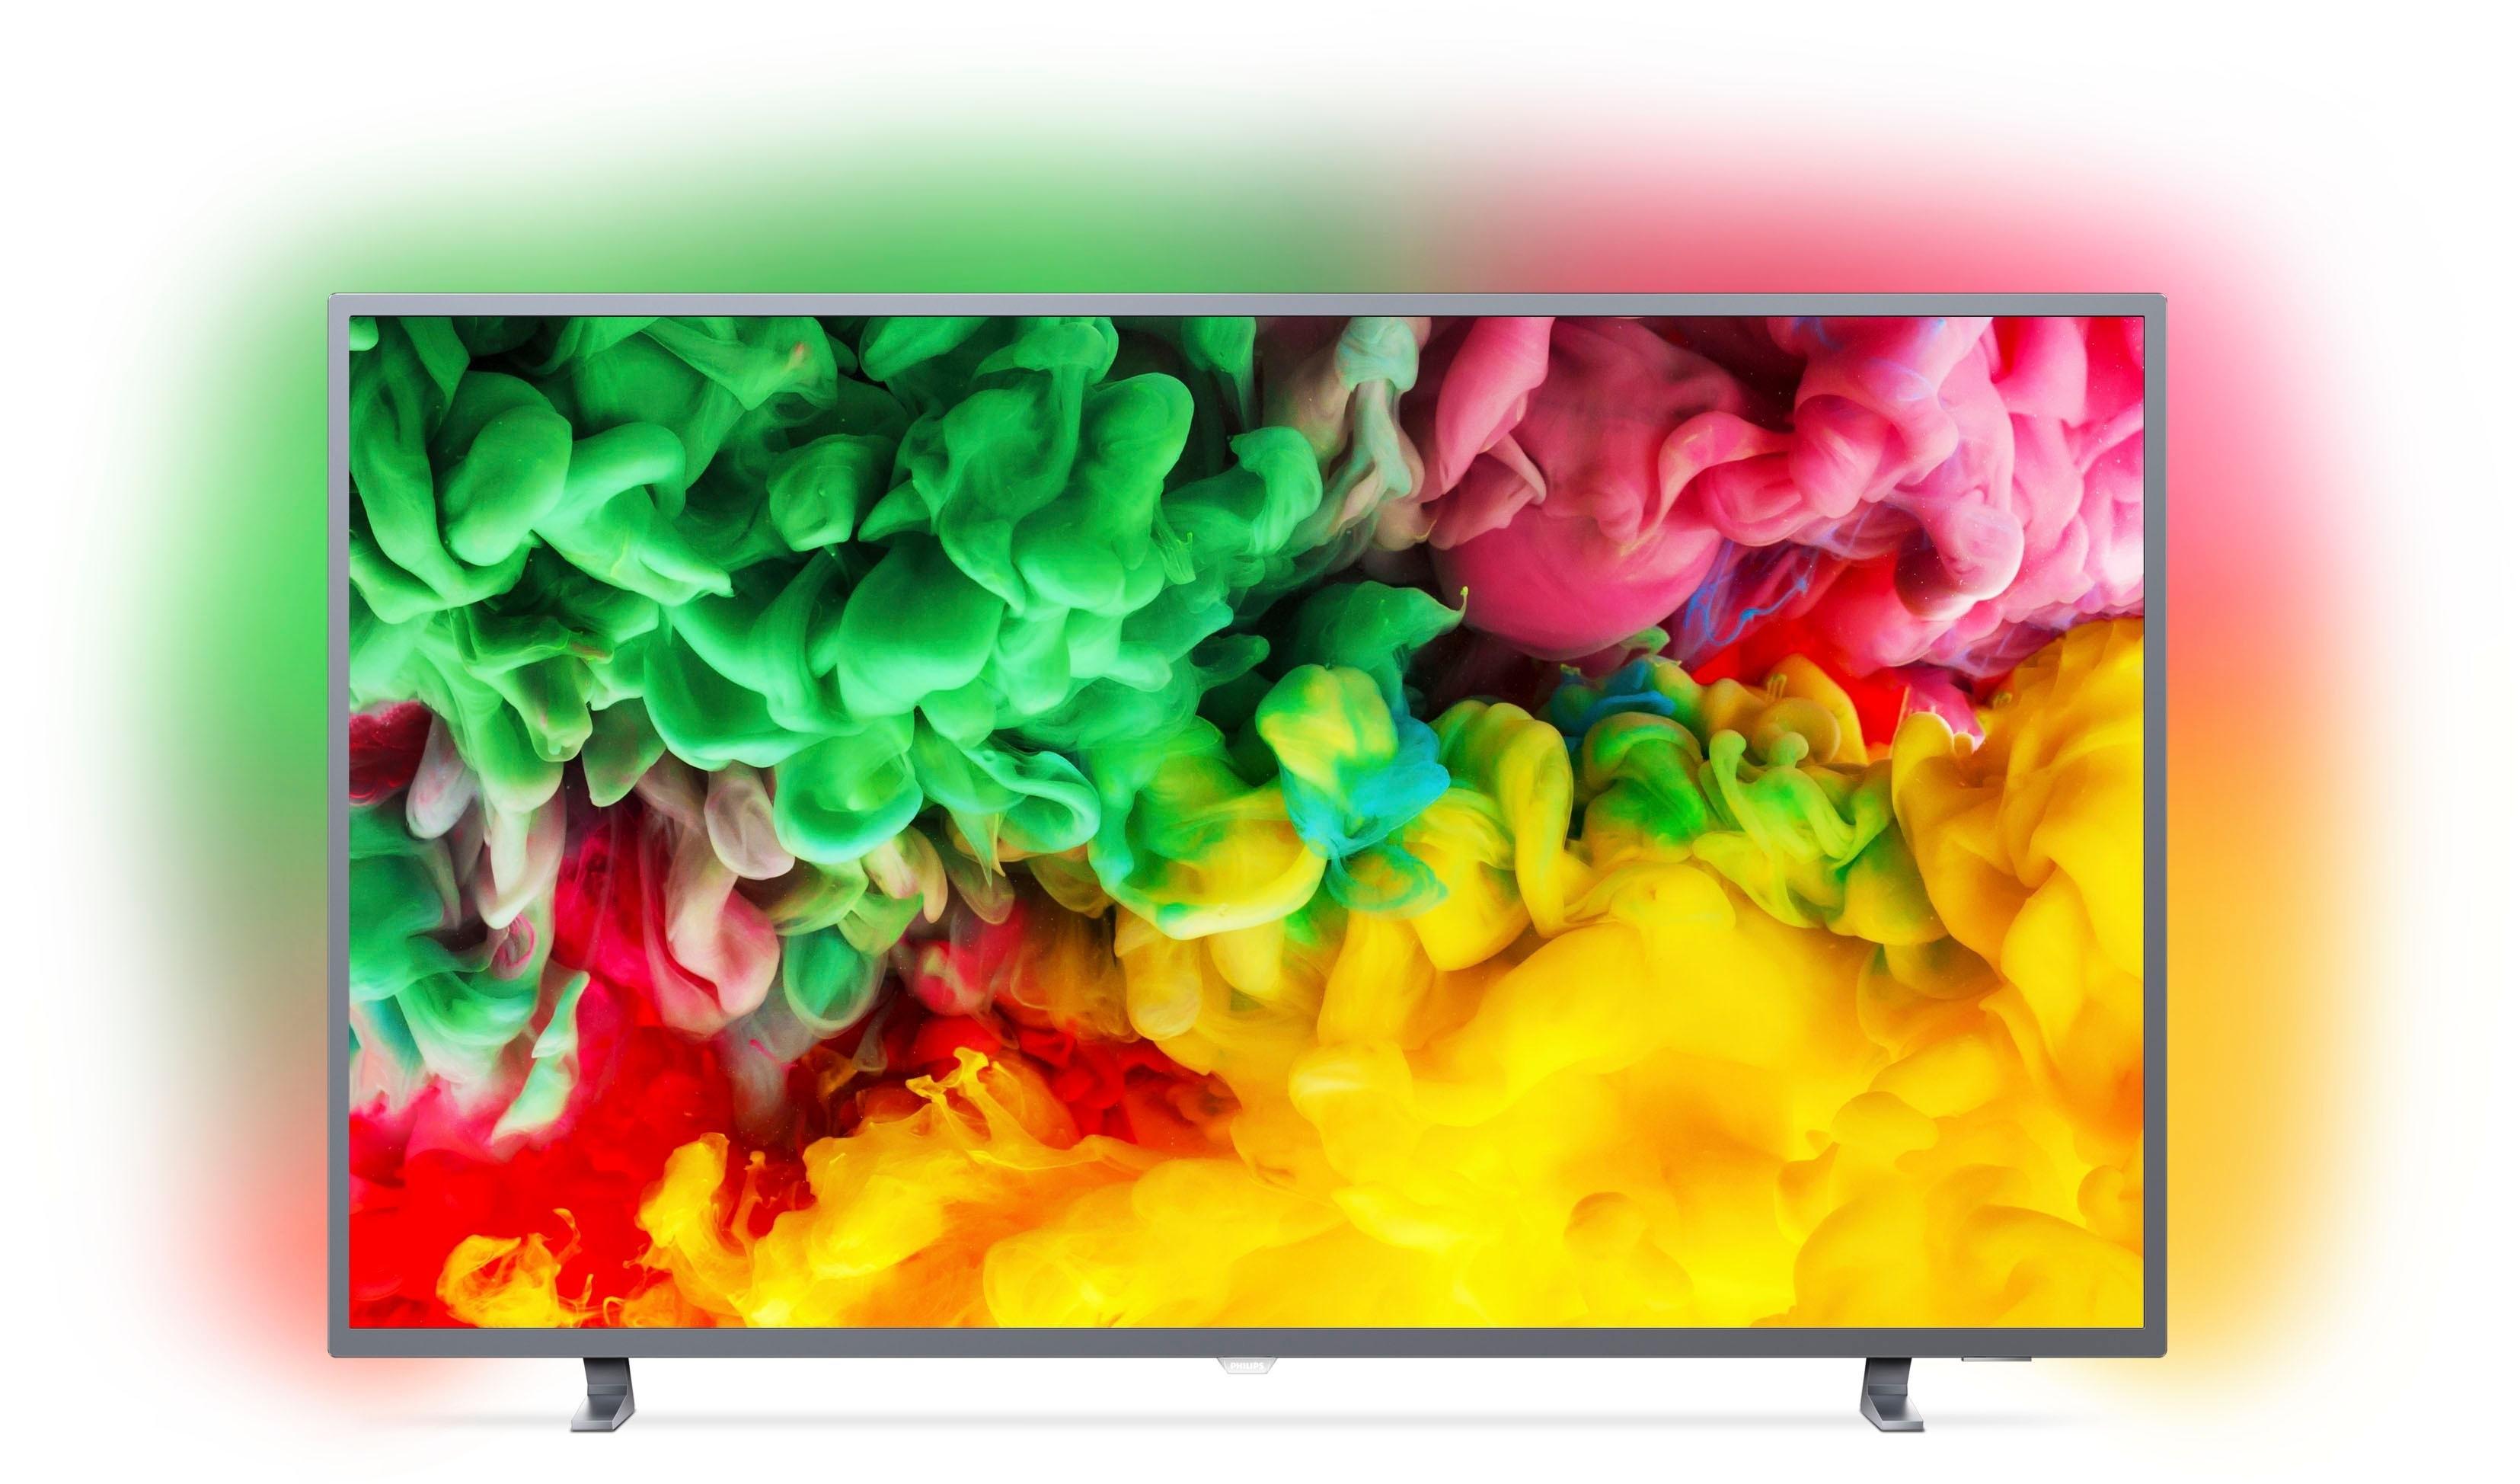 Philips 50PUS6703/12 led-tv (126 cm / (50 inch)), 4K Ultra HD, smart-tv in de webshop van OTTO kopen